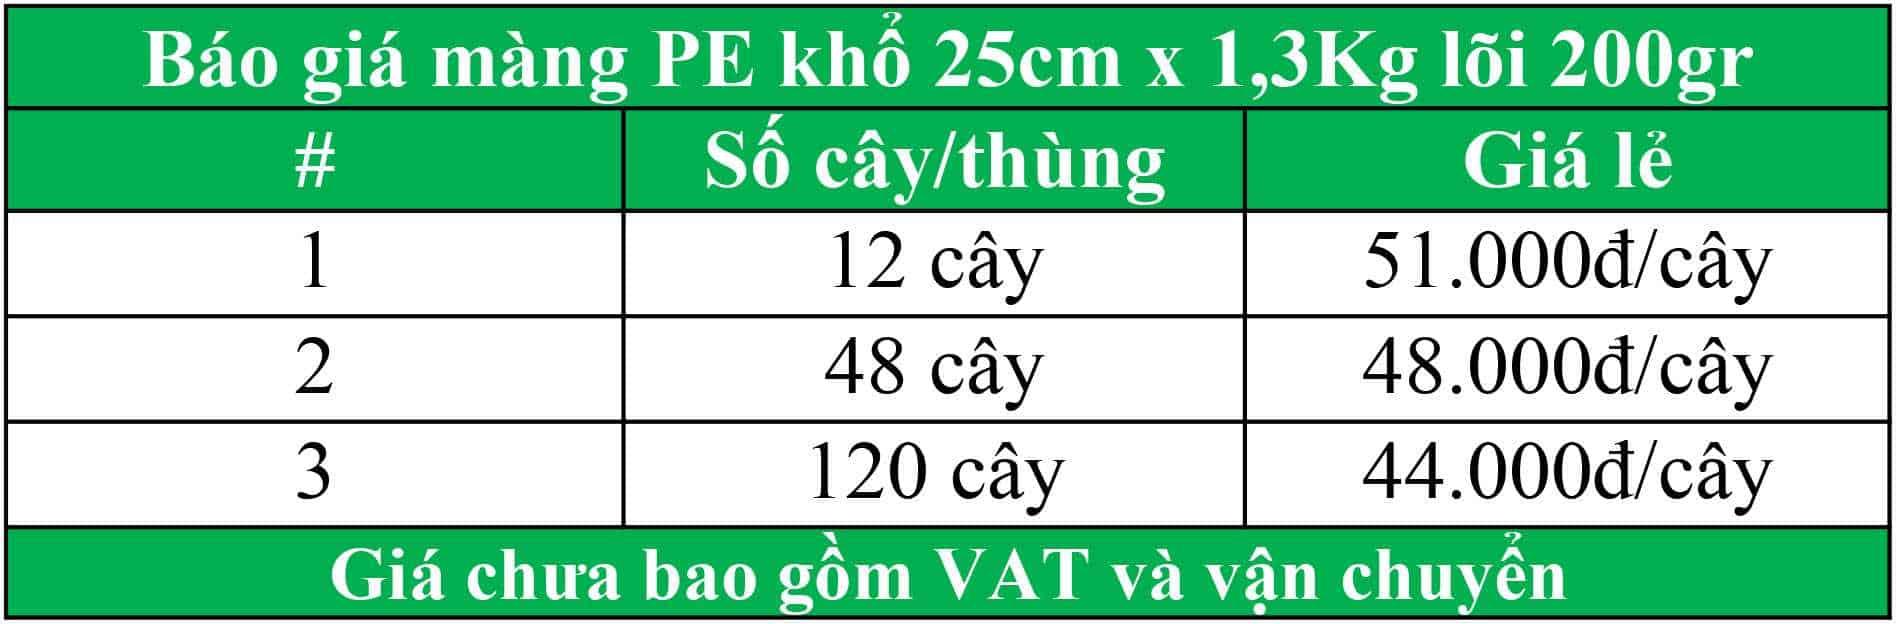 Màng PE khổ 25cm nặng 1.3kg